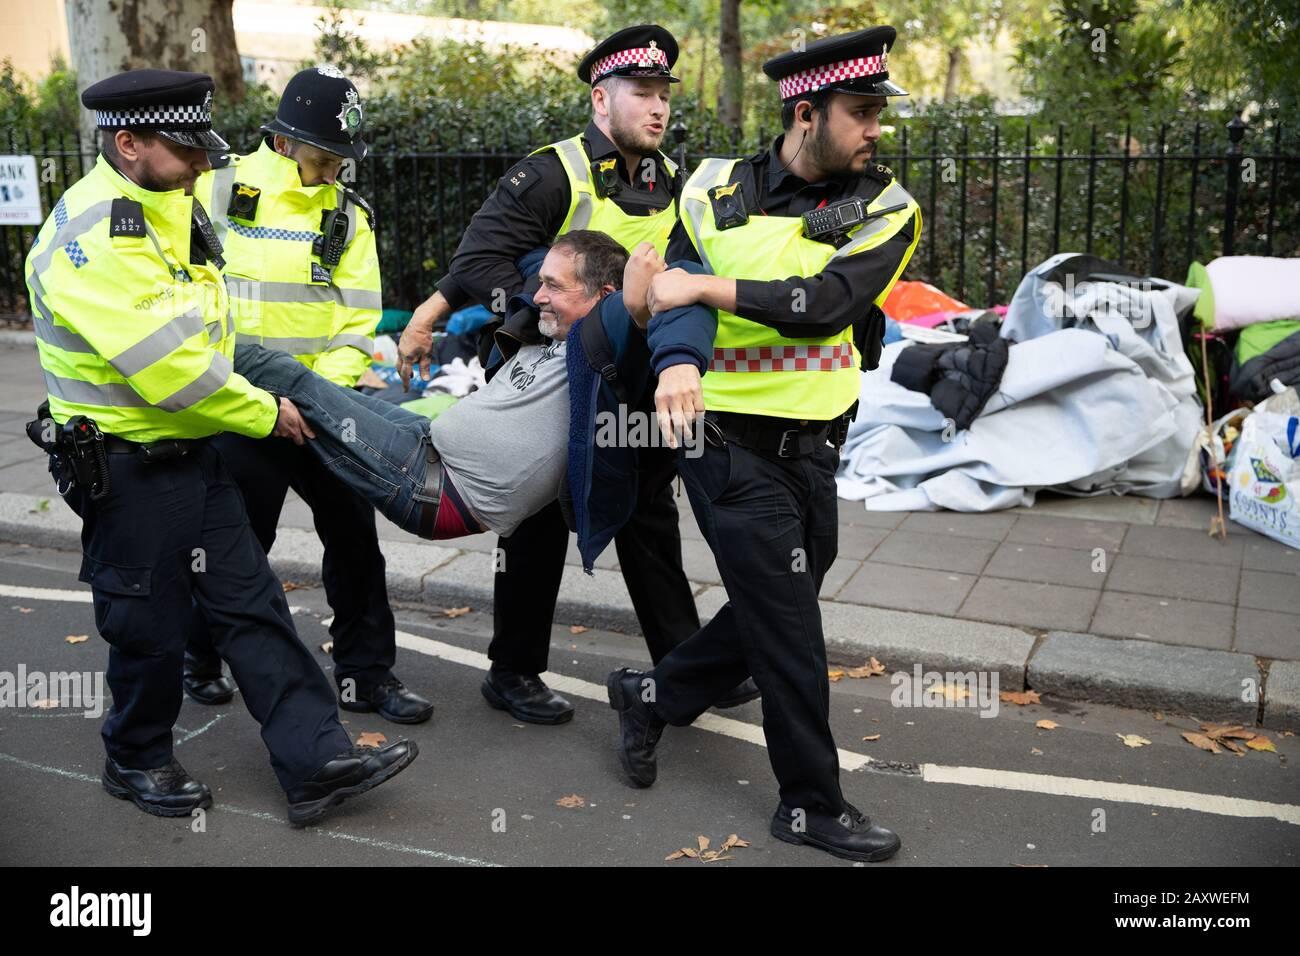 Londres, Reino Unido. 08 OCT 2019. Una persona conducida por un miembro de la Policía Metropolitana durante La Extinción Rebelión Internacional Rebelión Foto de stock